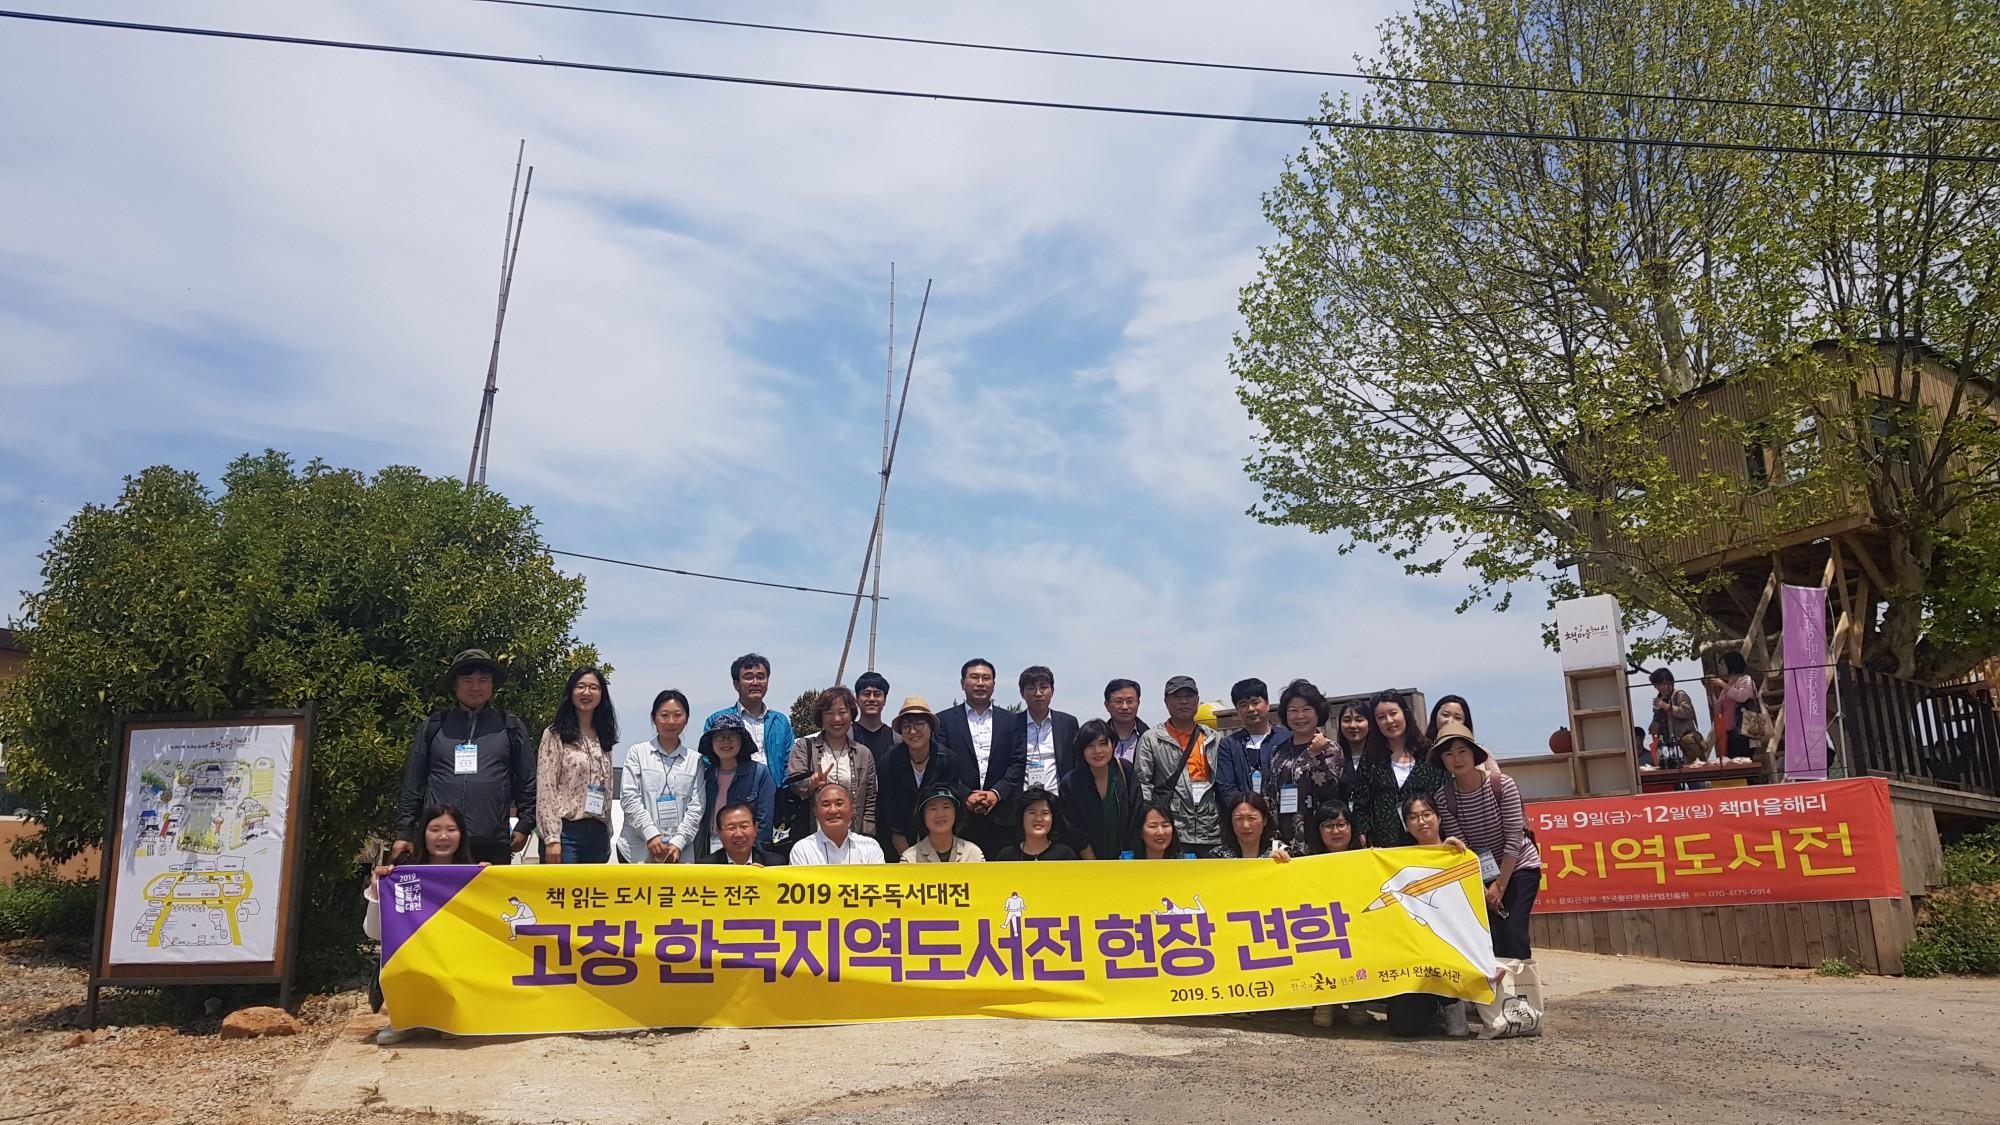 2019 전주독서대전 성공 개최를 위한 고창 한국지역도서전 현장 견학(5.10)